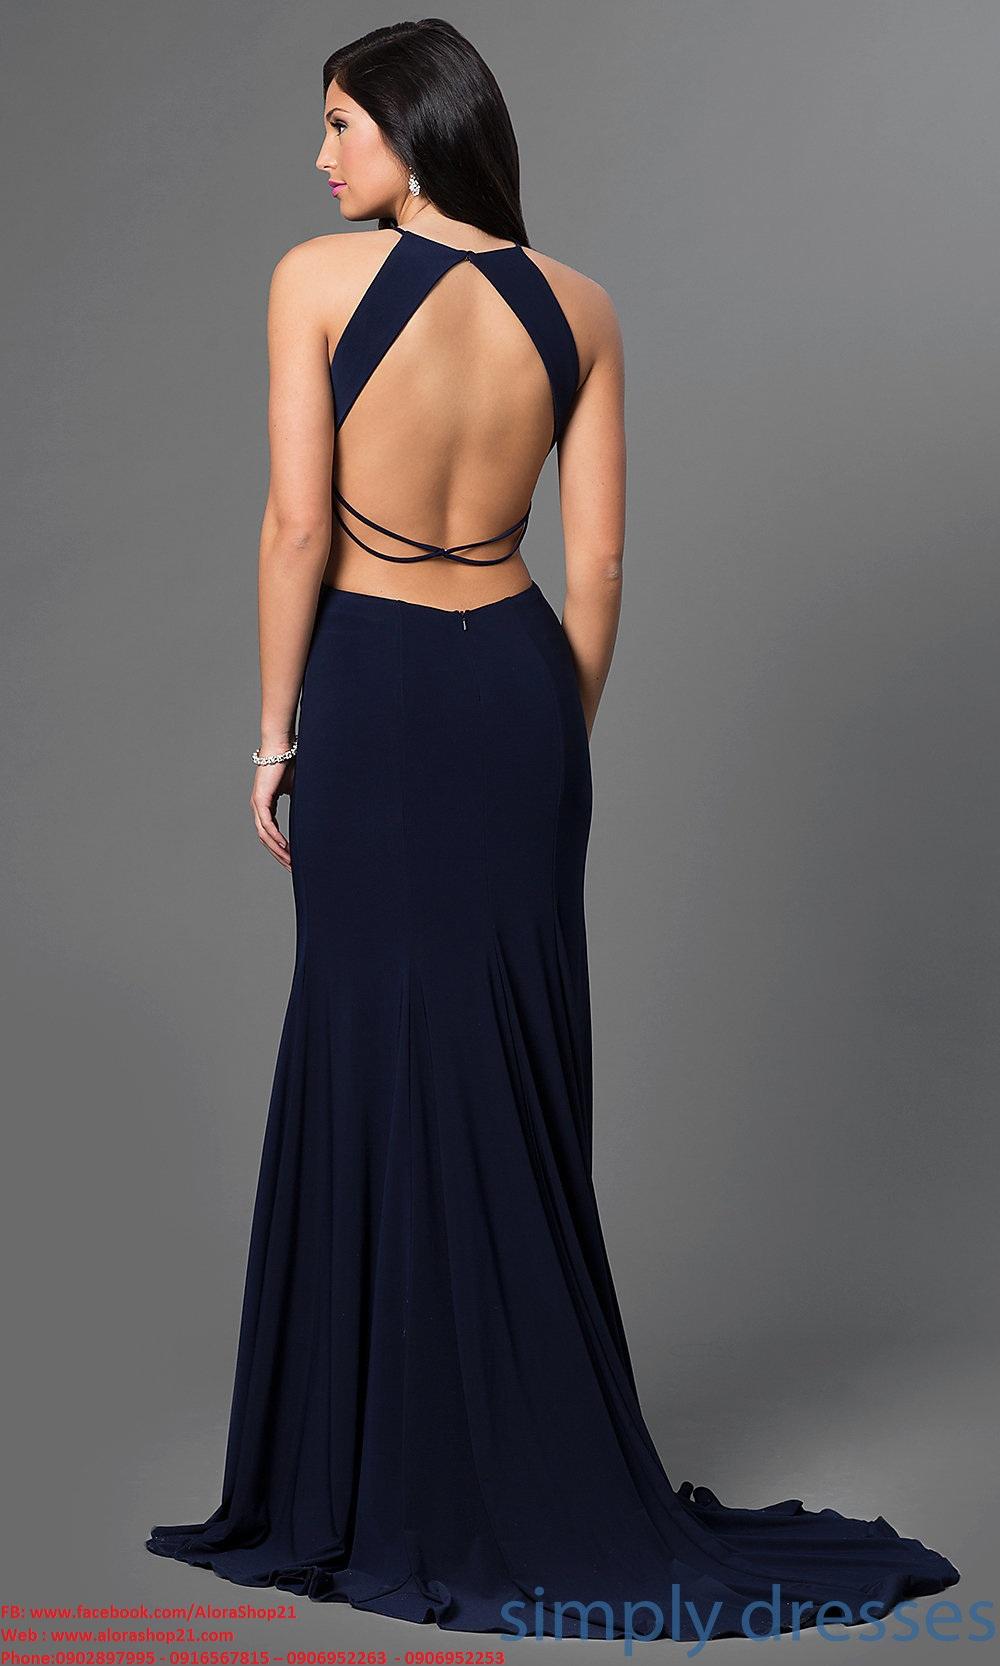 Đầm dài dự tiệc cut out sexy khéo léo quyến rũ